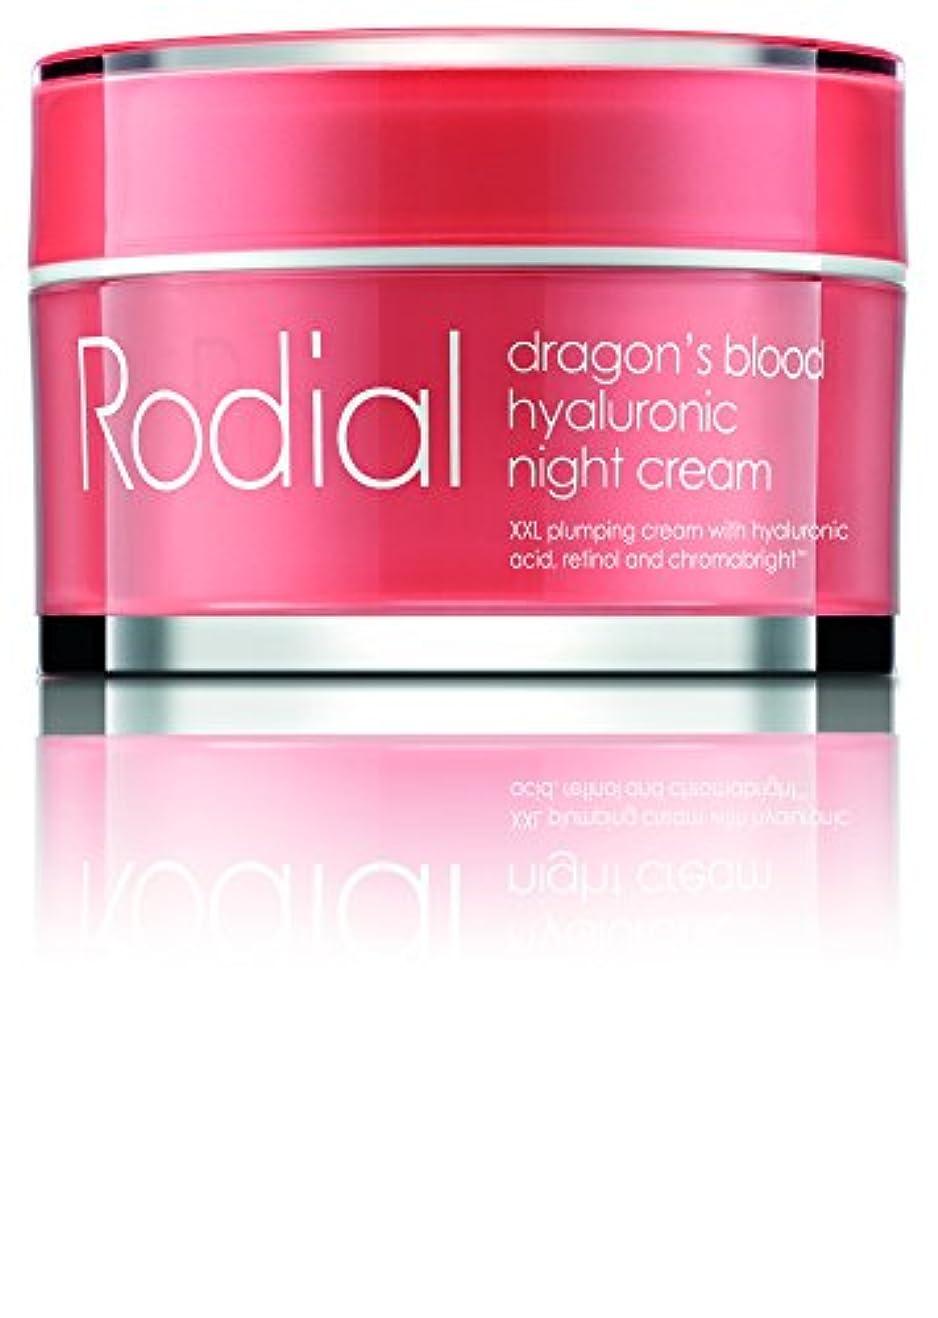 枯渇ディベート法的Rodial(ロディアル) ドラゴンズブラッド ナイトクリーム